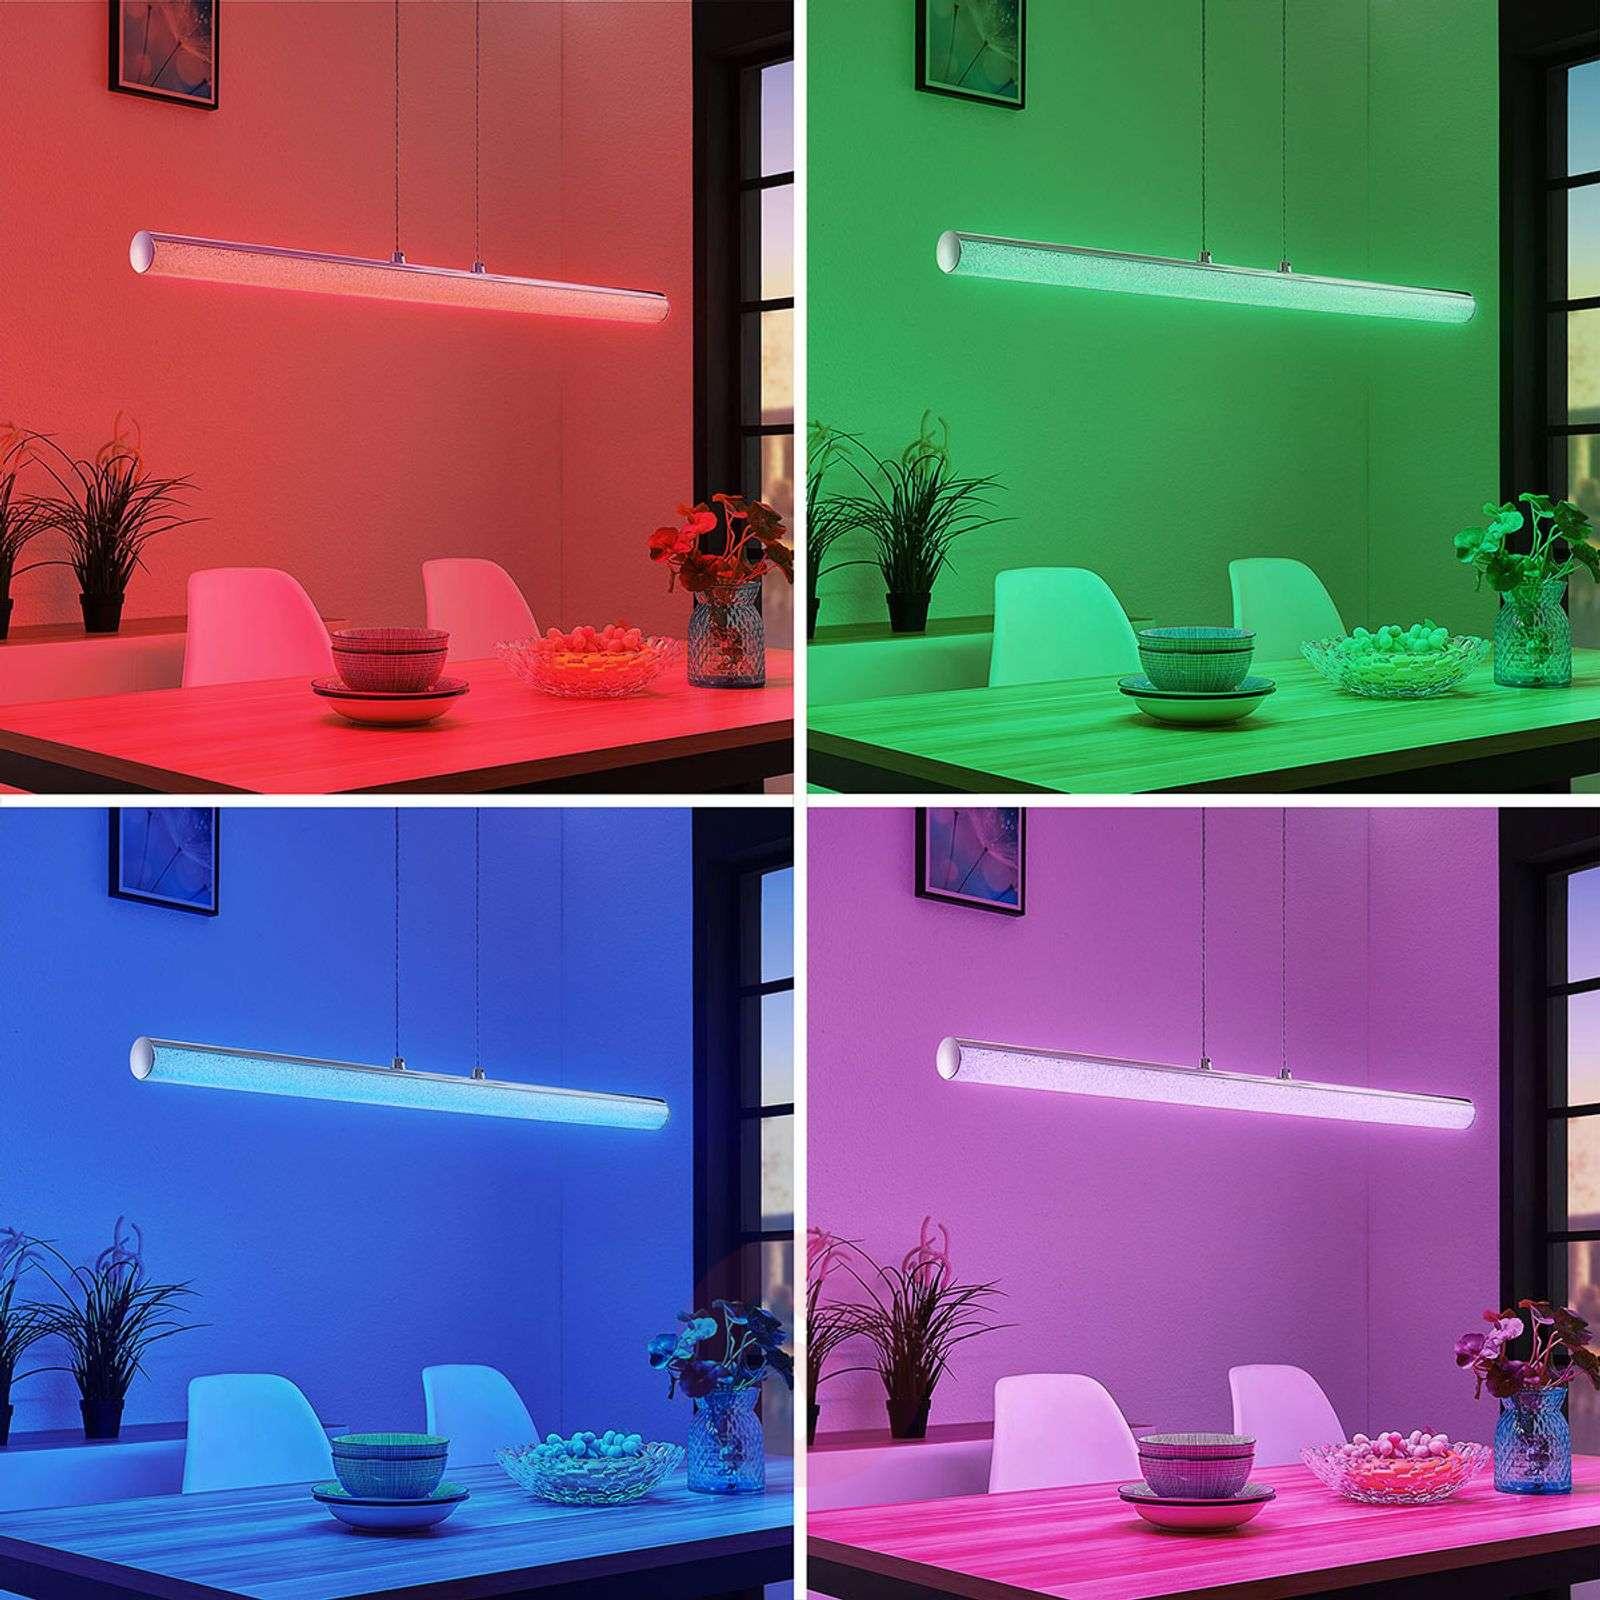 LED-riippuvalo Fria, sylinteri, RGB, kaukosäädin-9624334-01